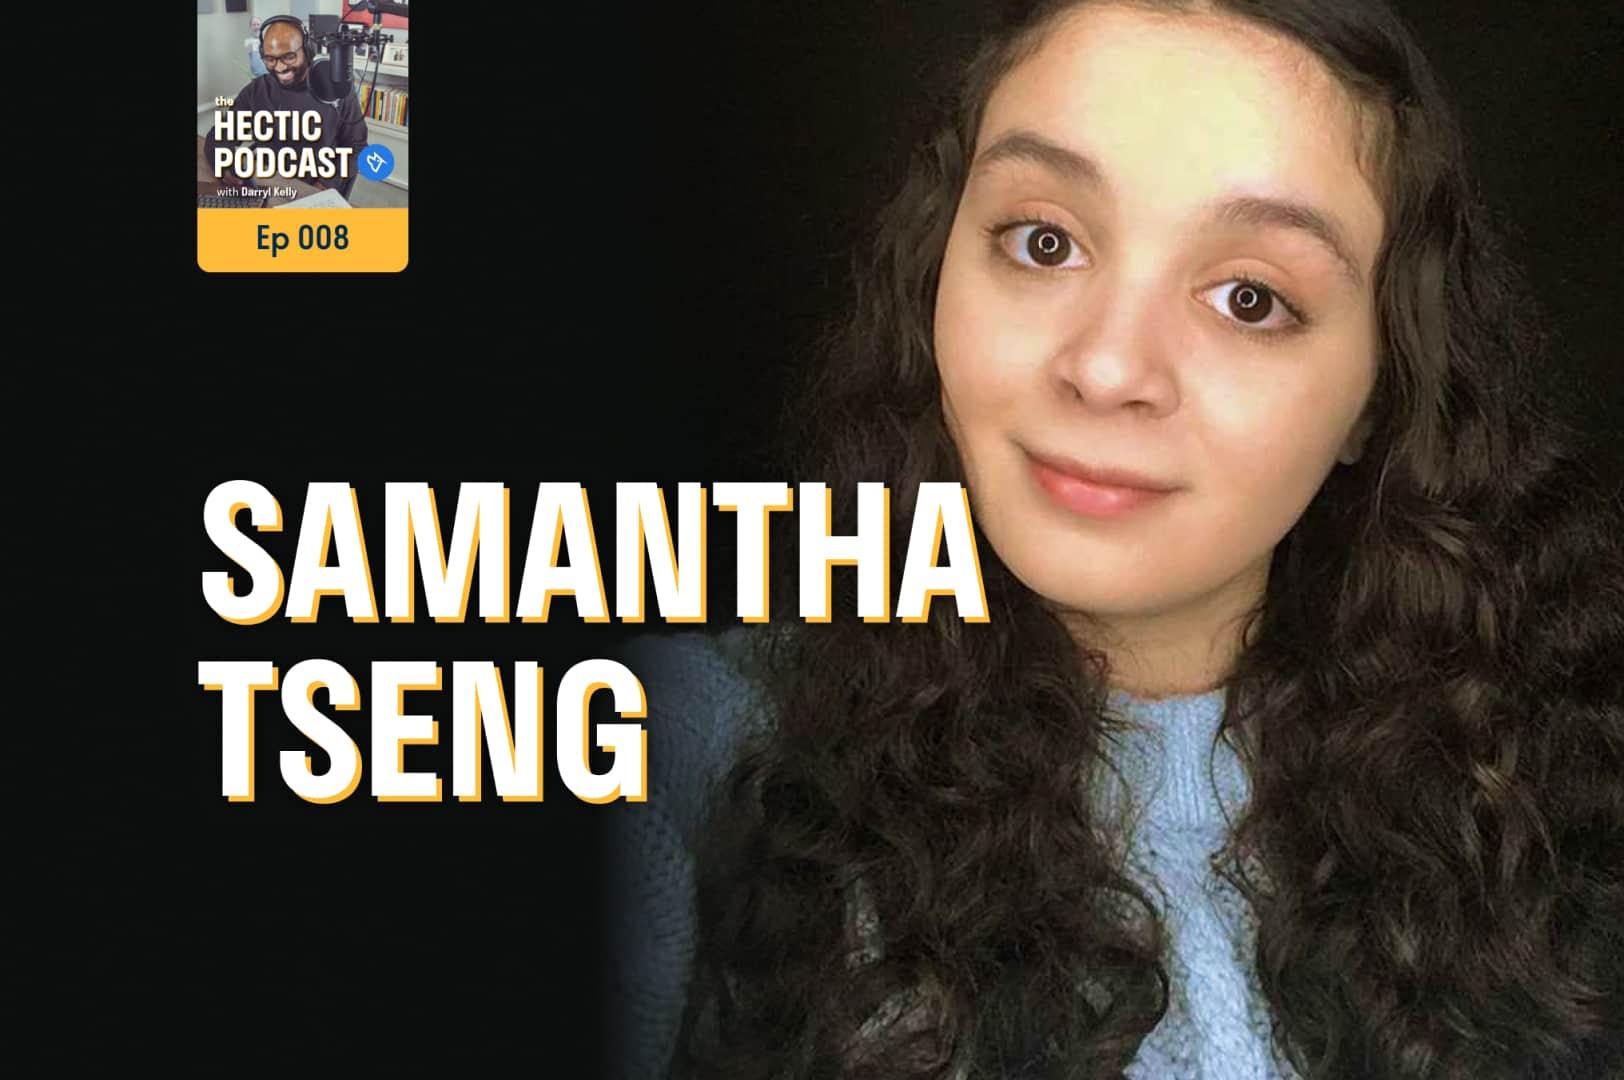 Samantha Tseng